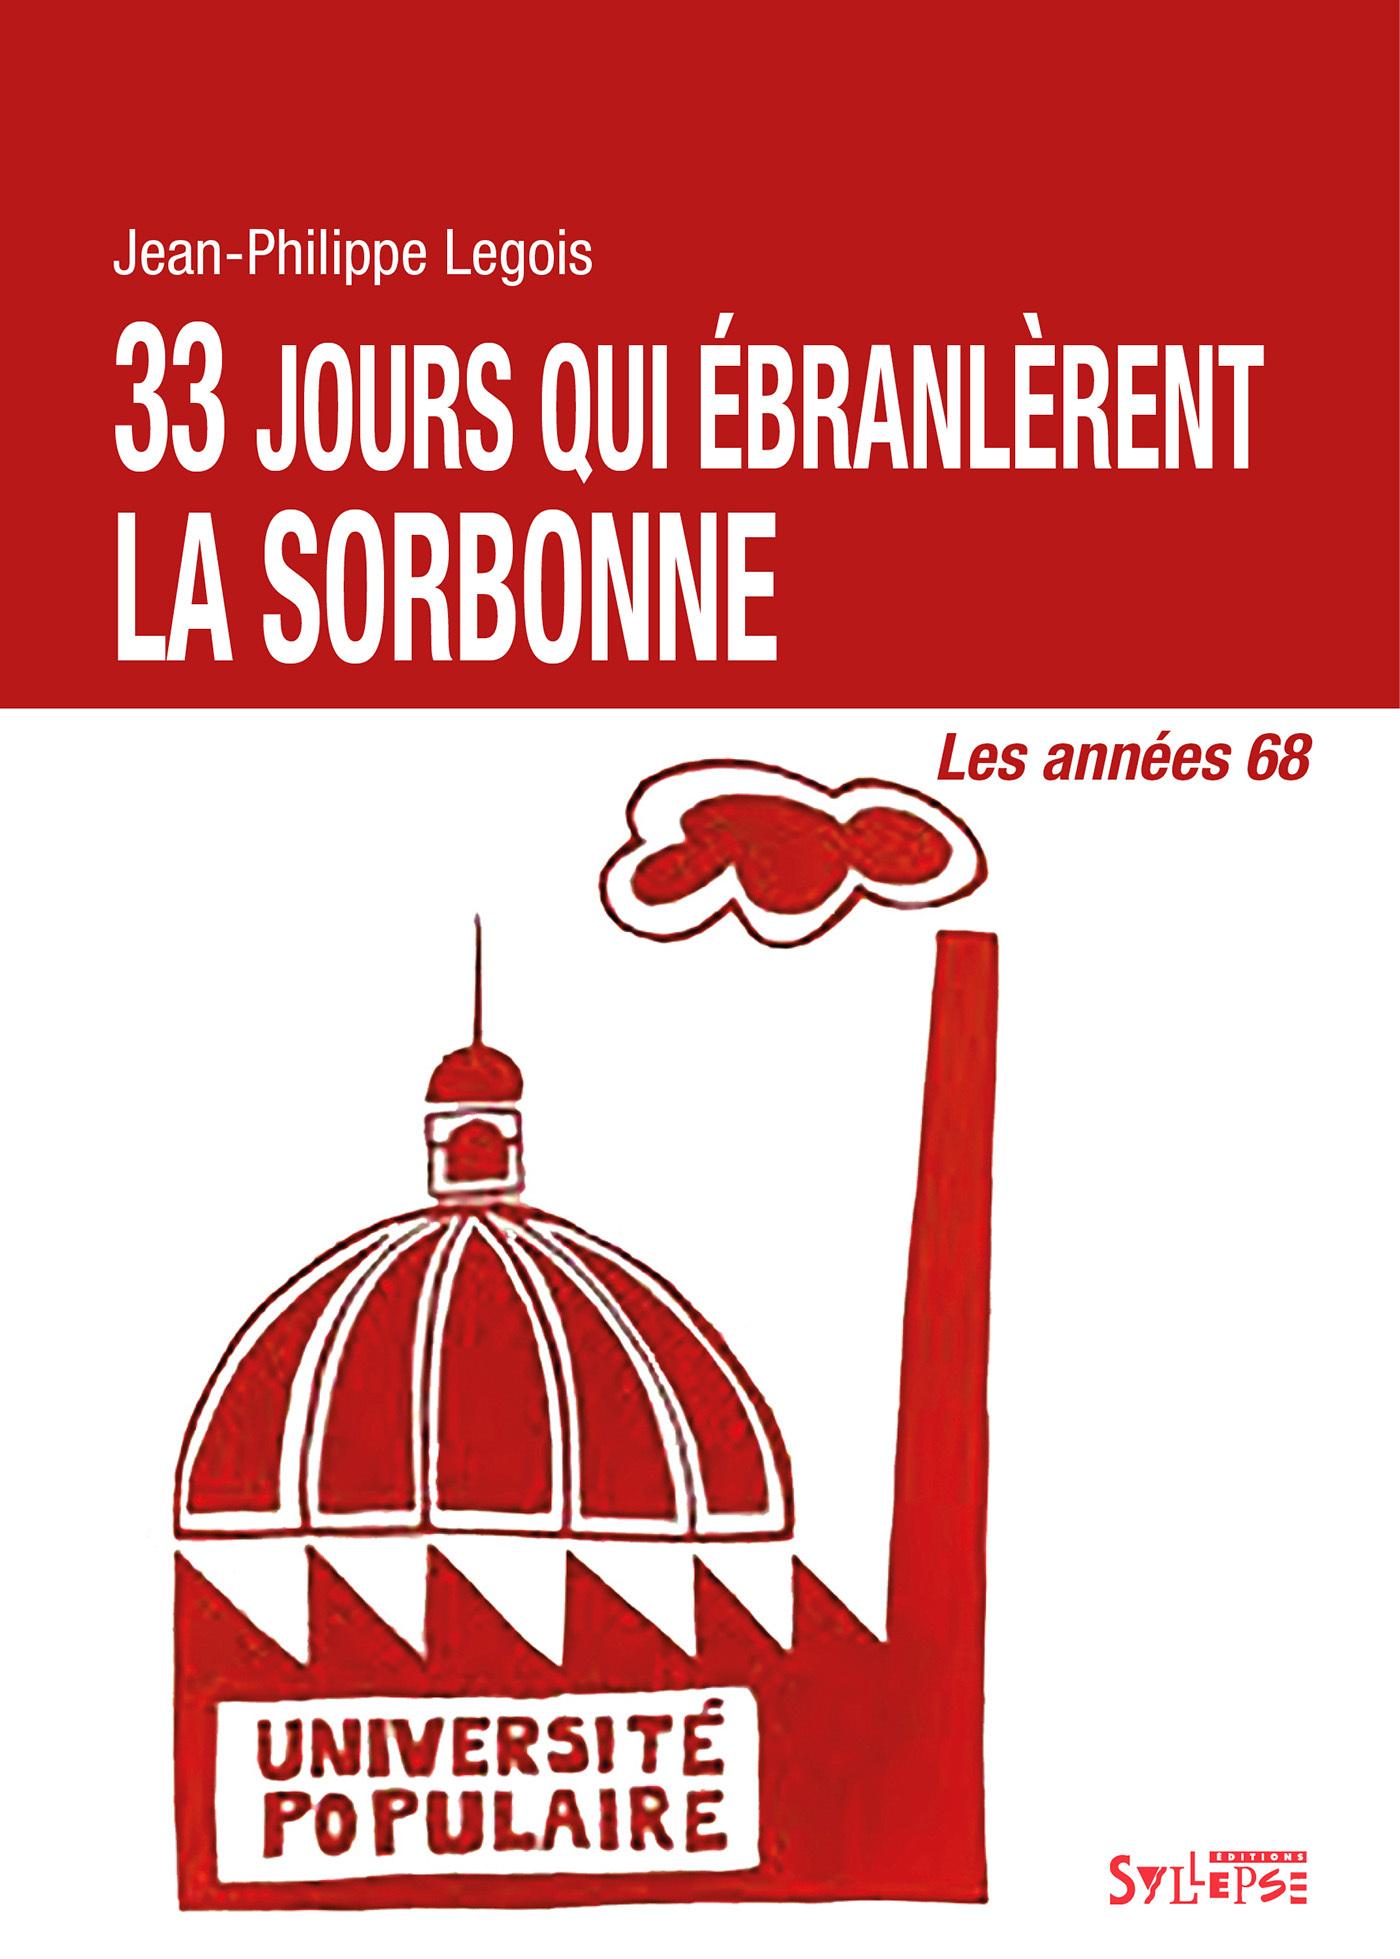 33 JOURS QUI EBRANLERENT LA SORBONNE